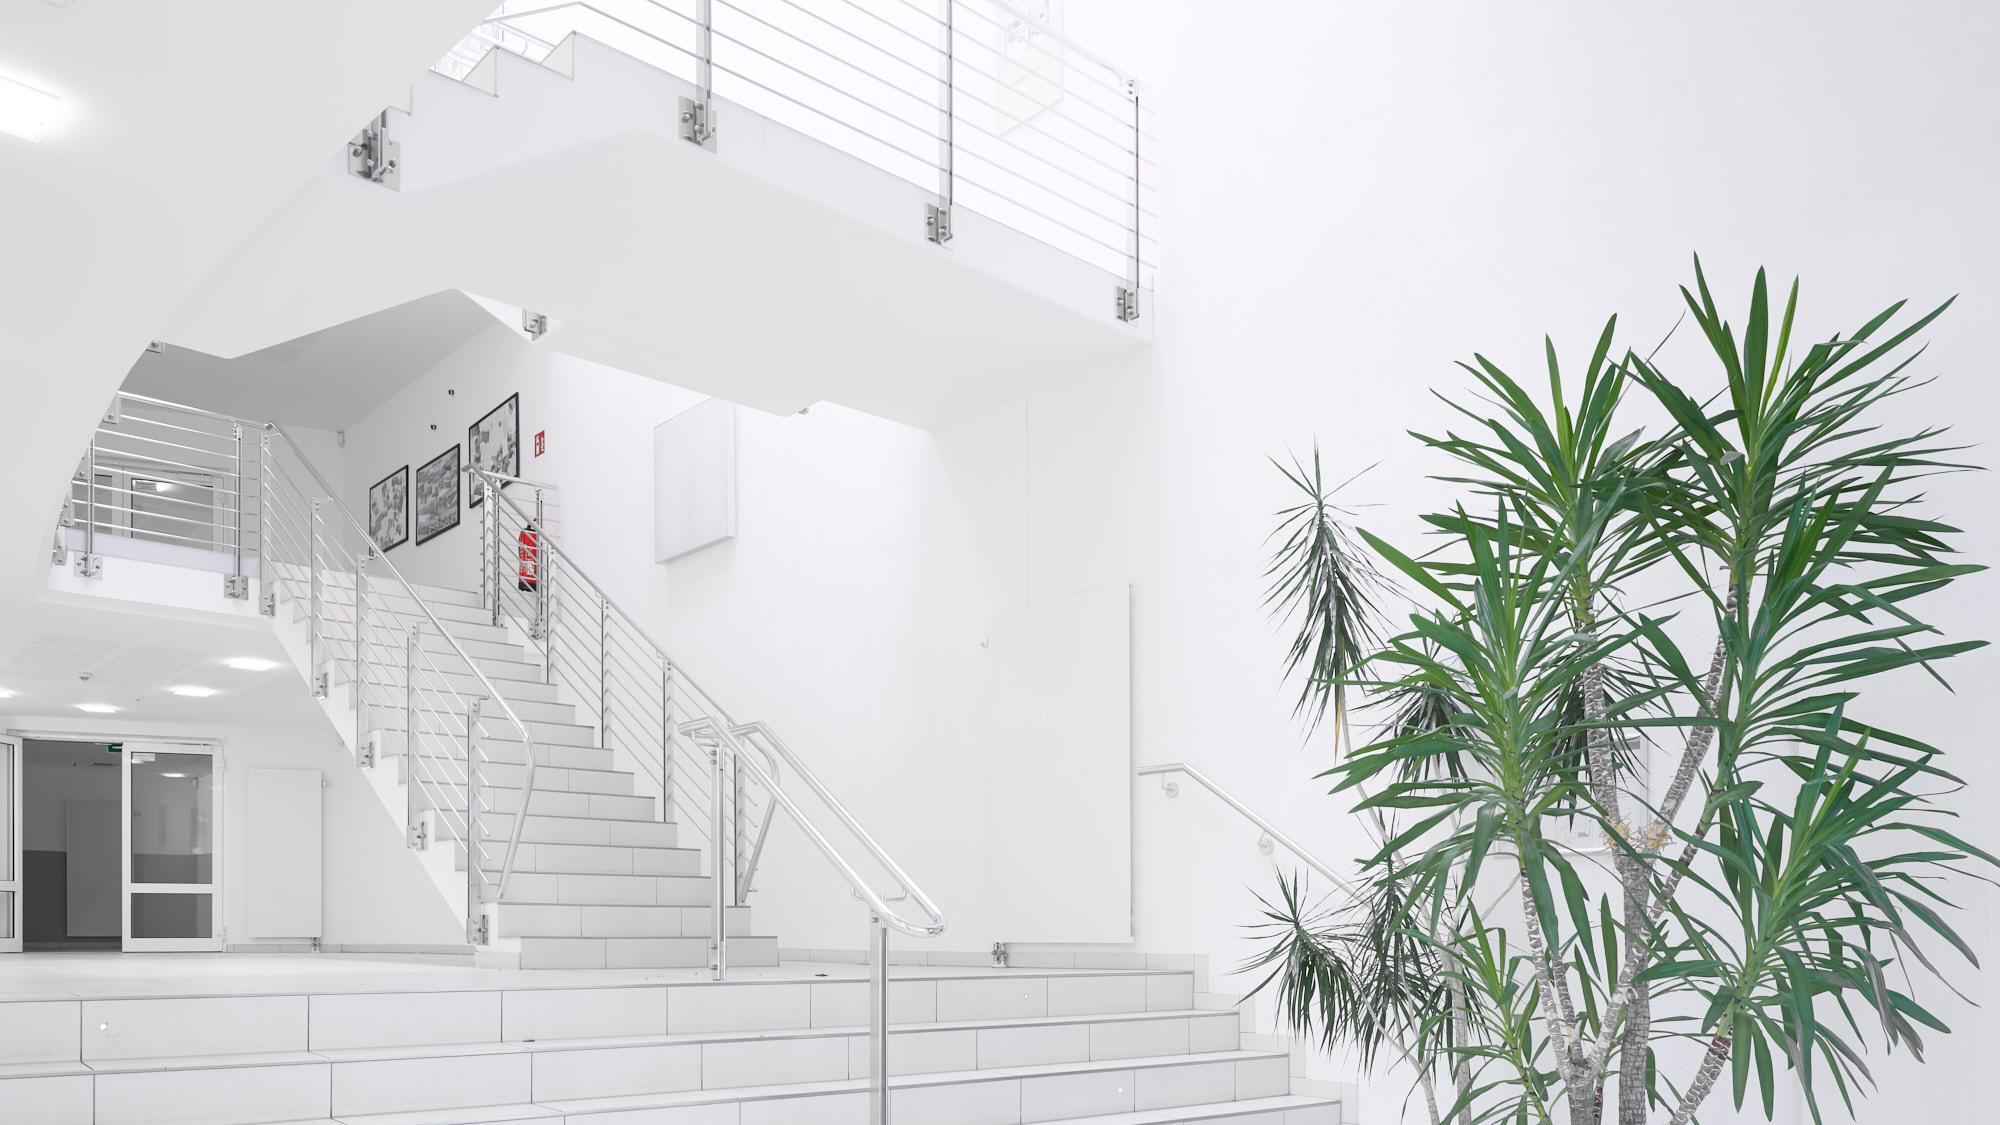 bernd-westphal-stillstars-drivern-immobilien-arcitektur-photography-005